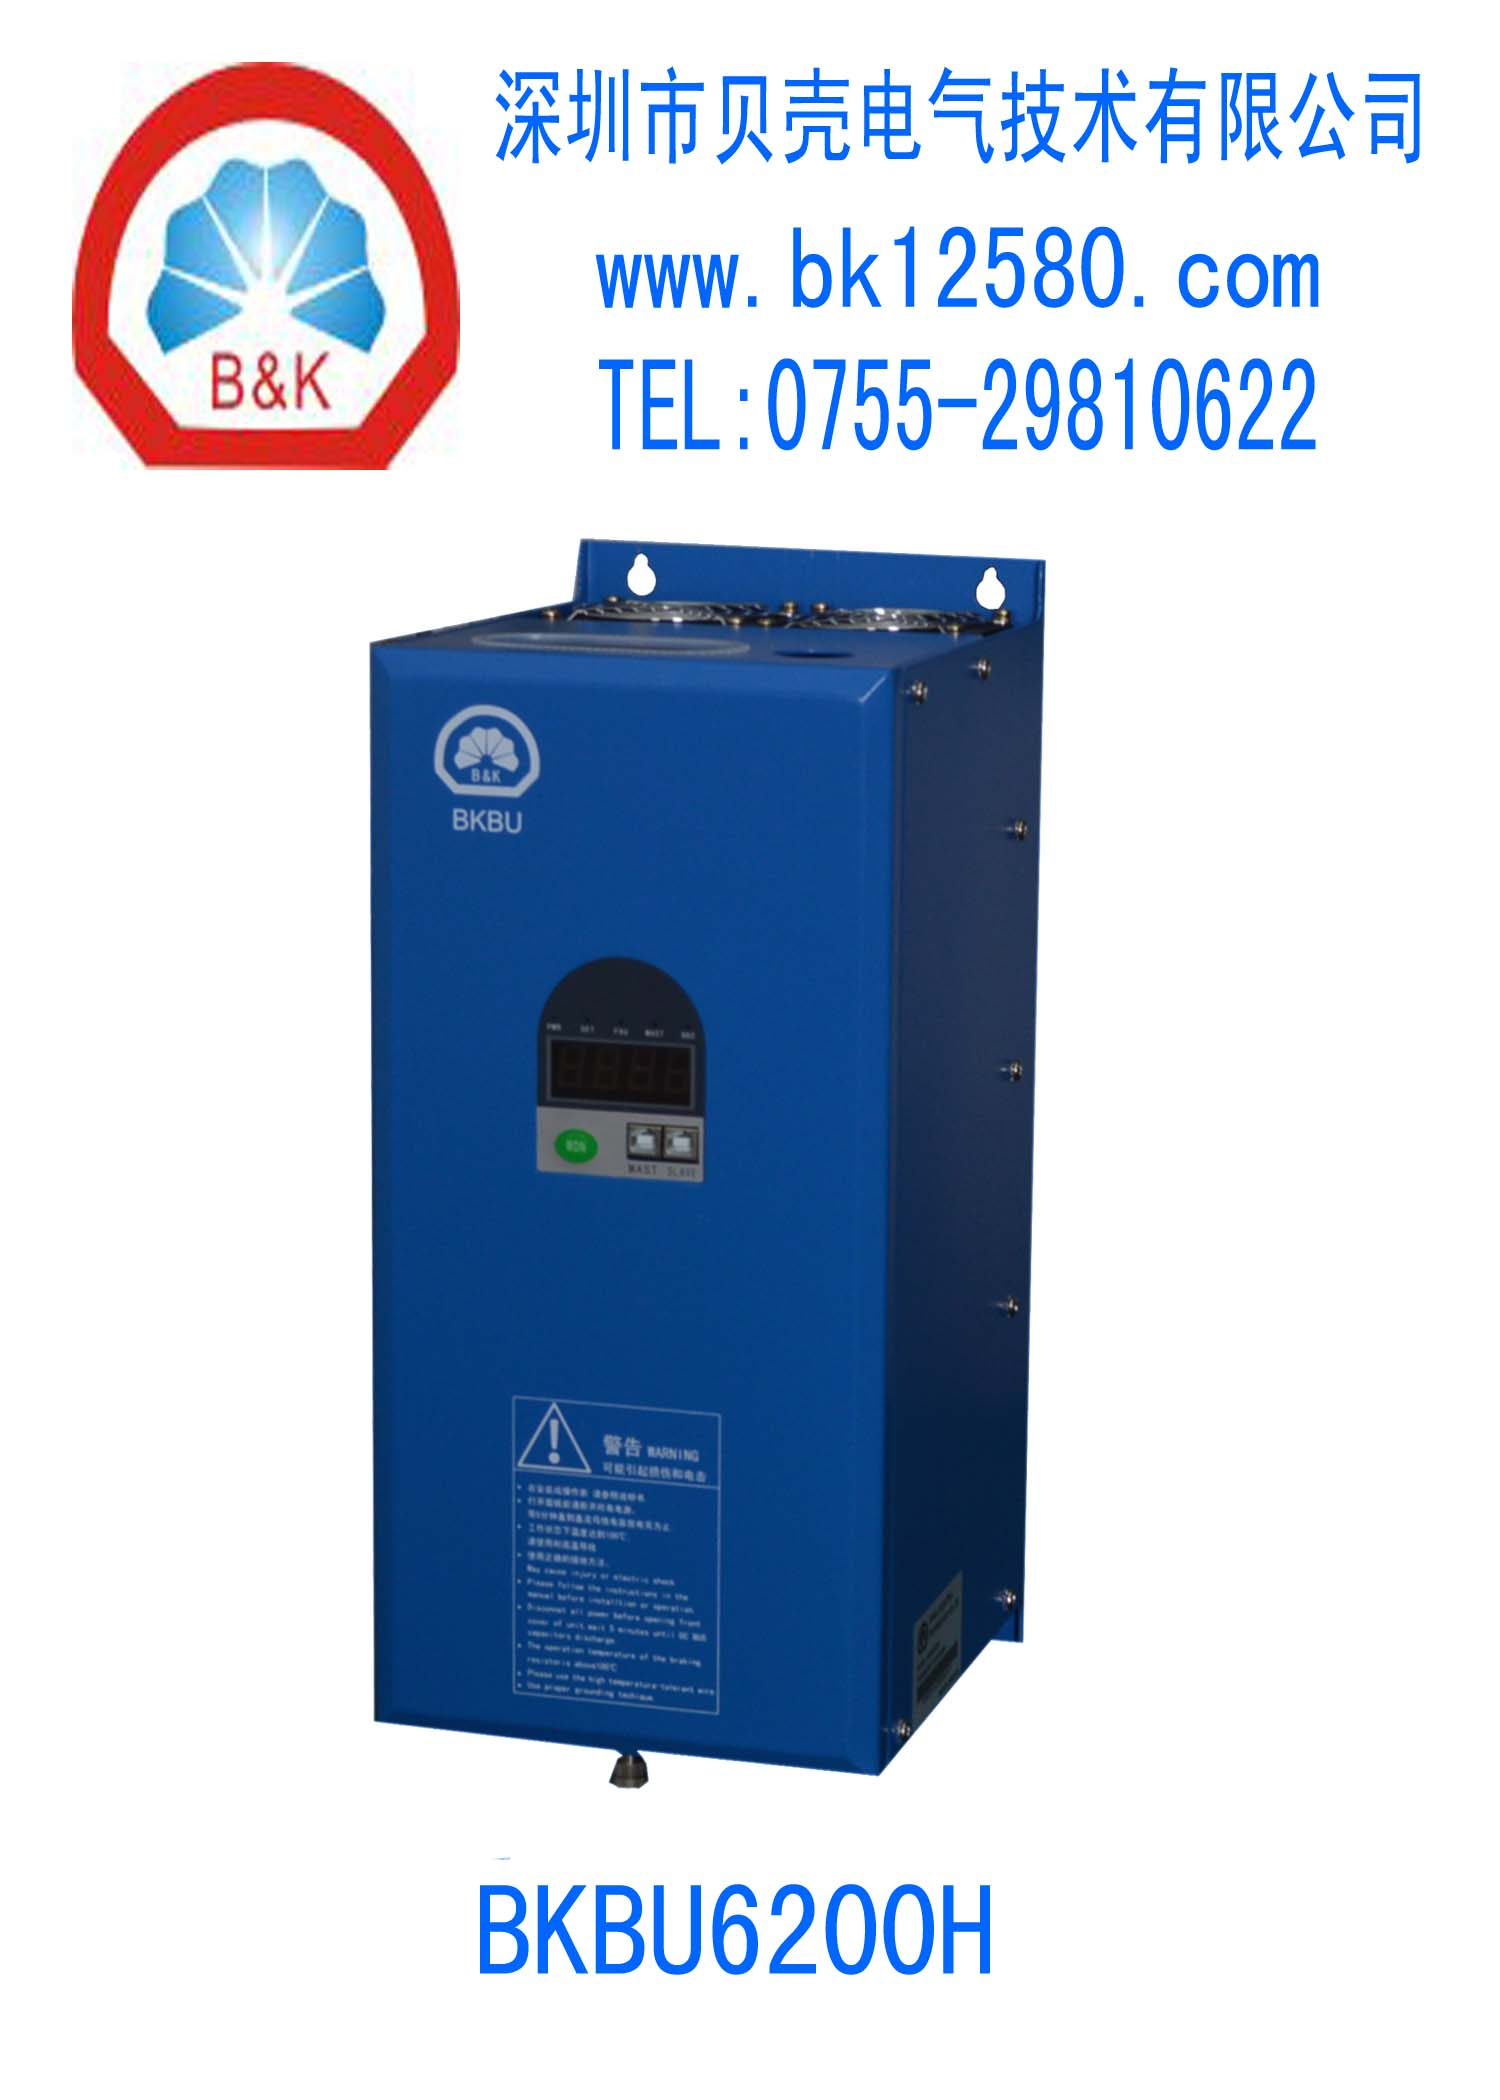 蓝海华腾变频器国产十大品牌变频器专用制动单元BKBU6200H